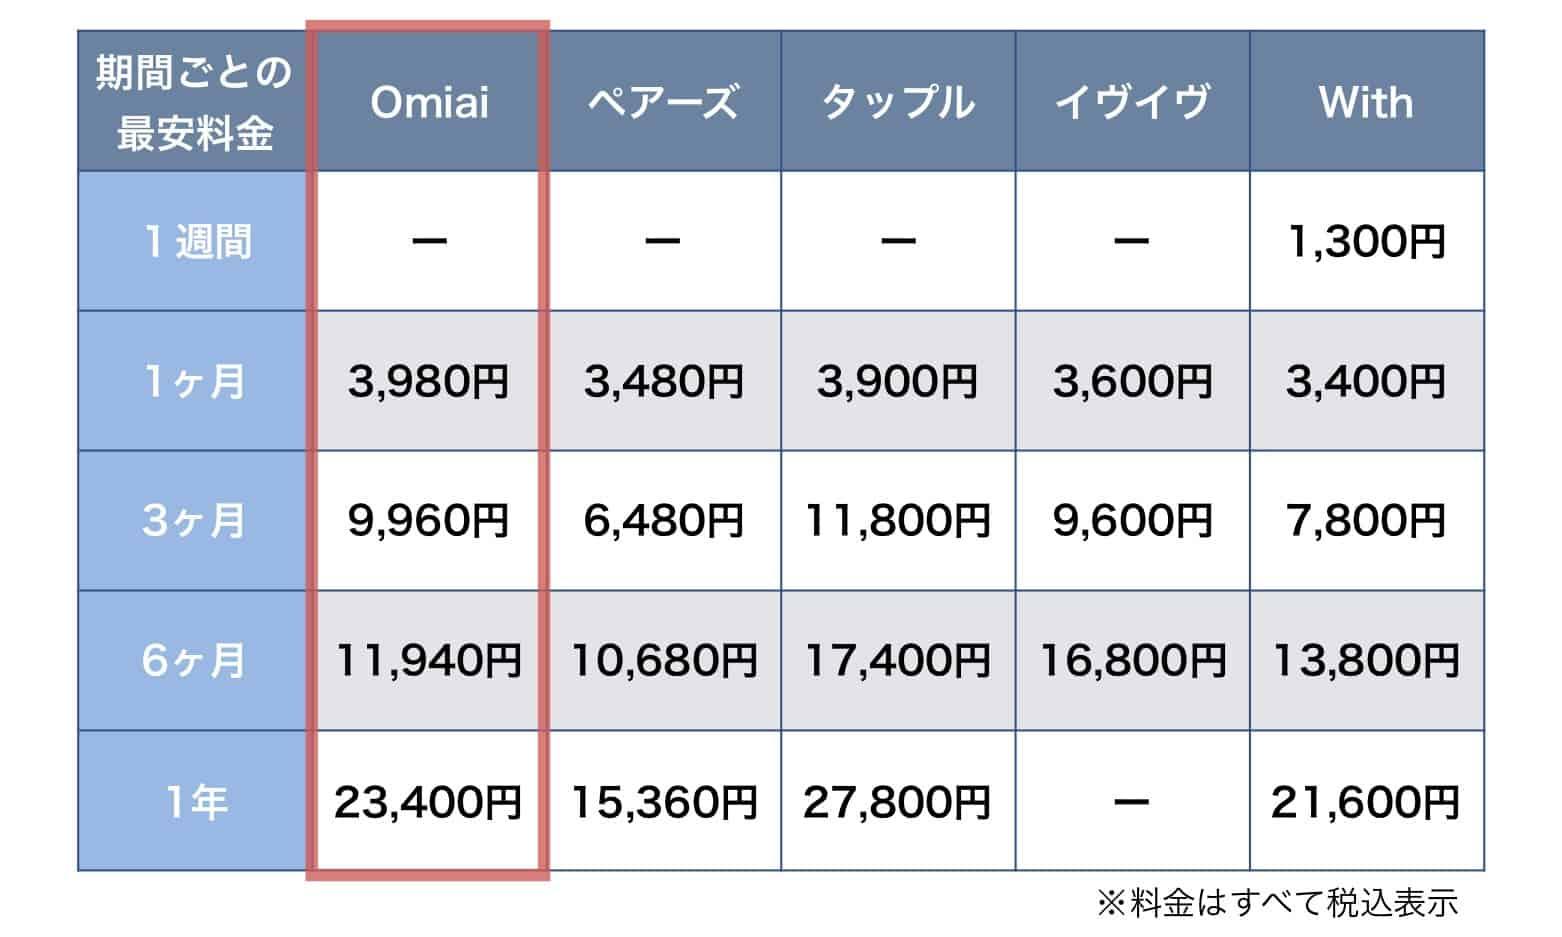 主要マッチングアプリの料金表